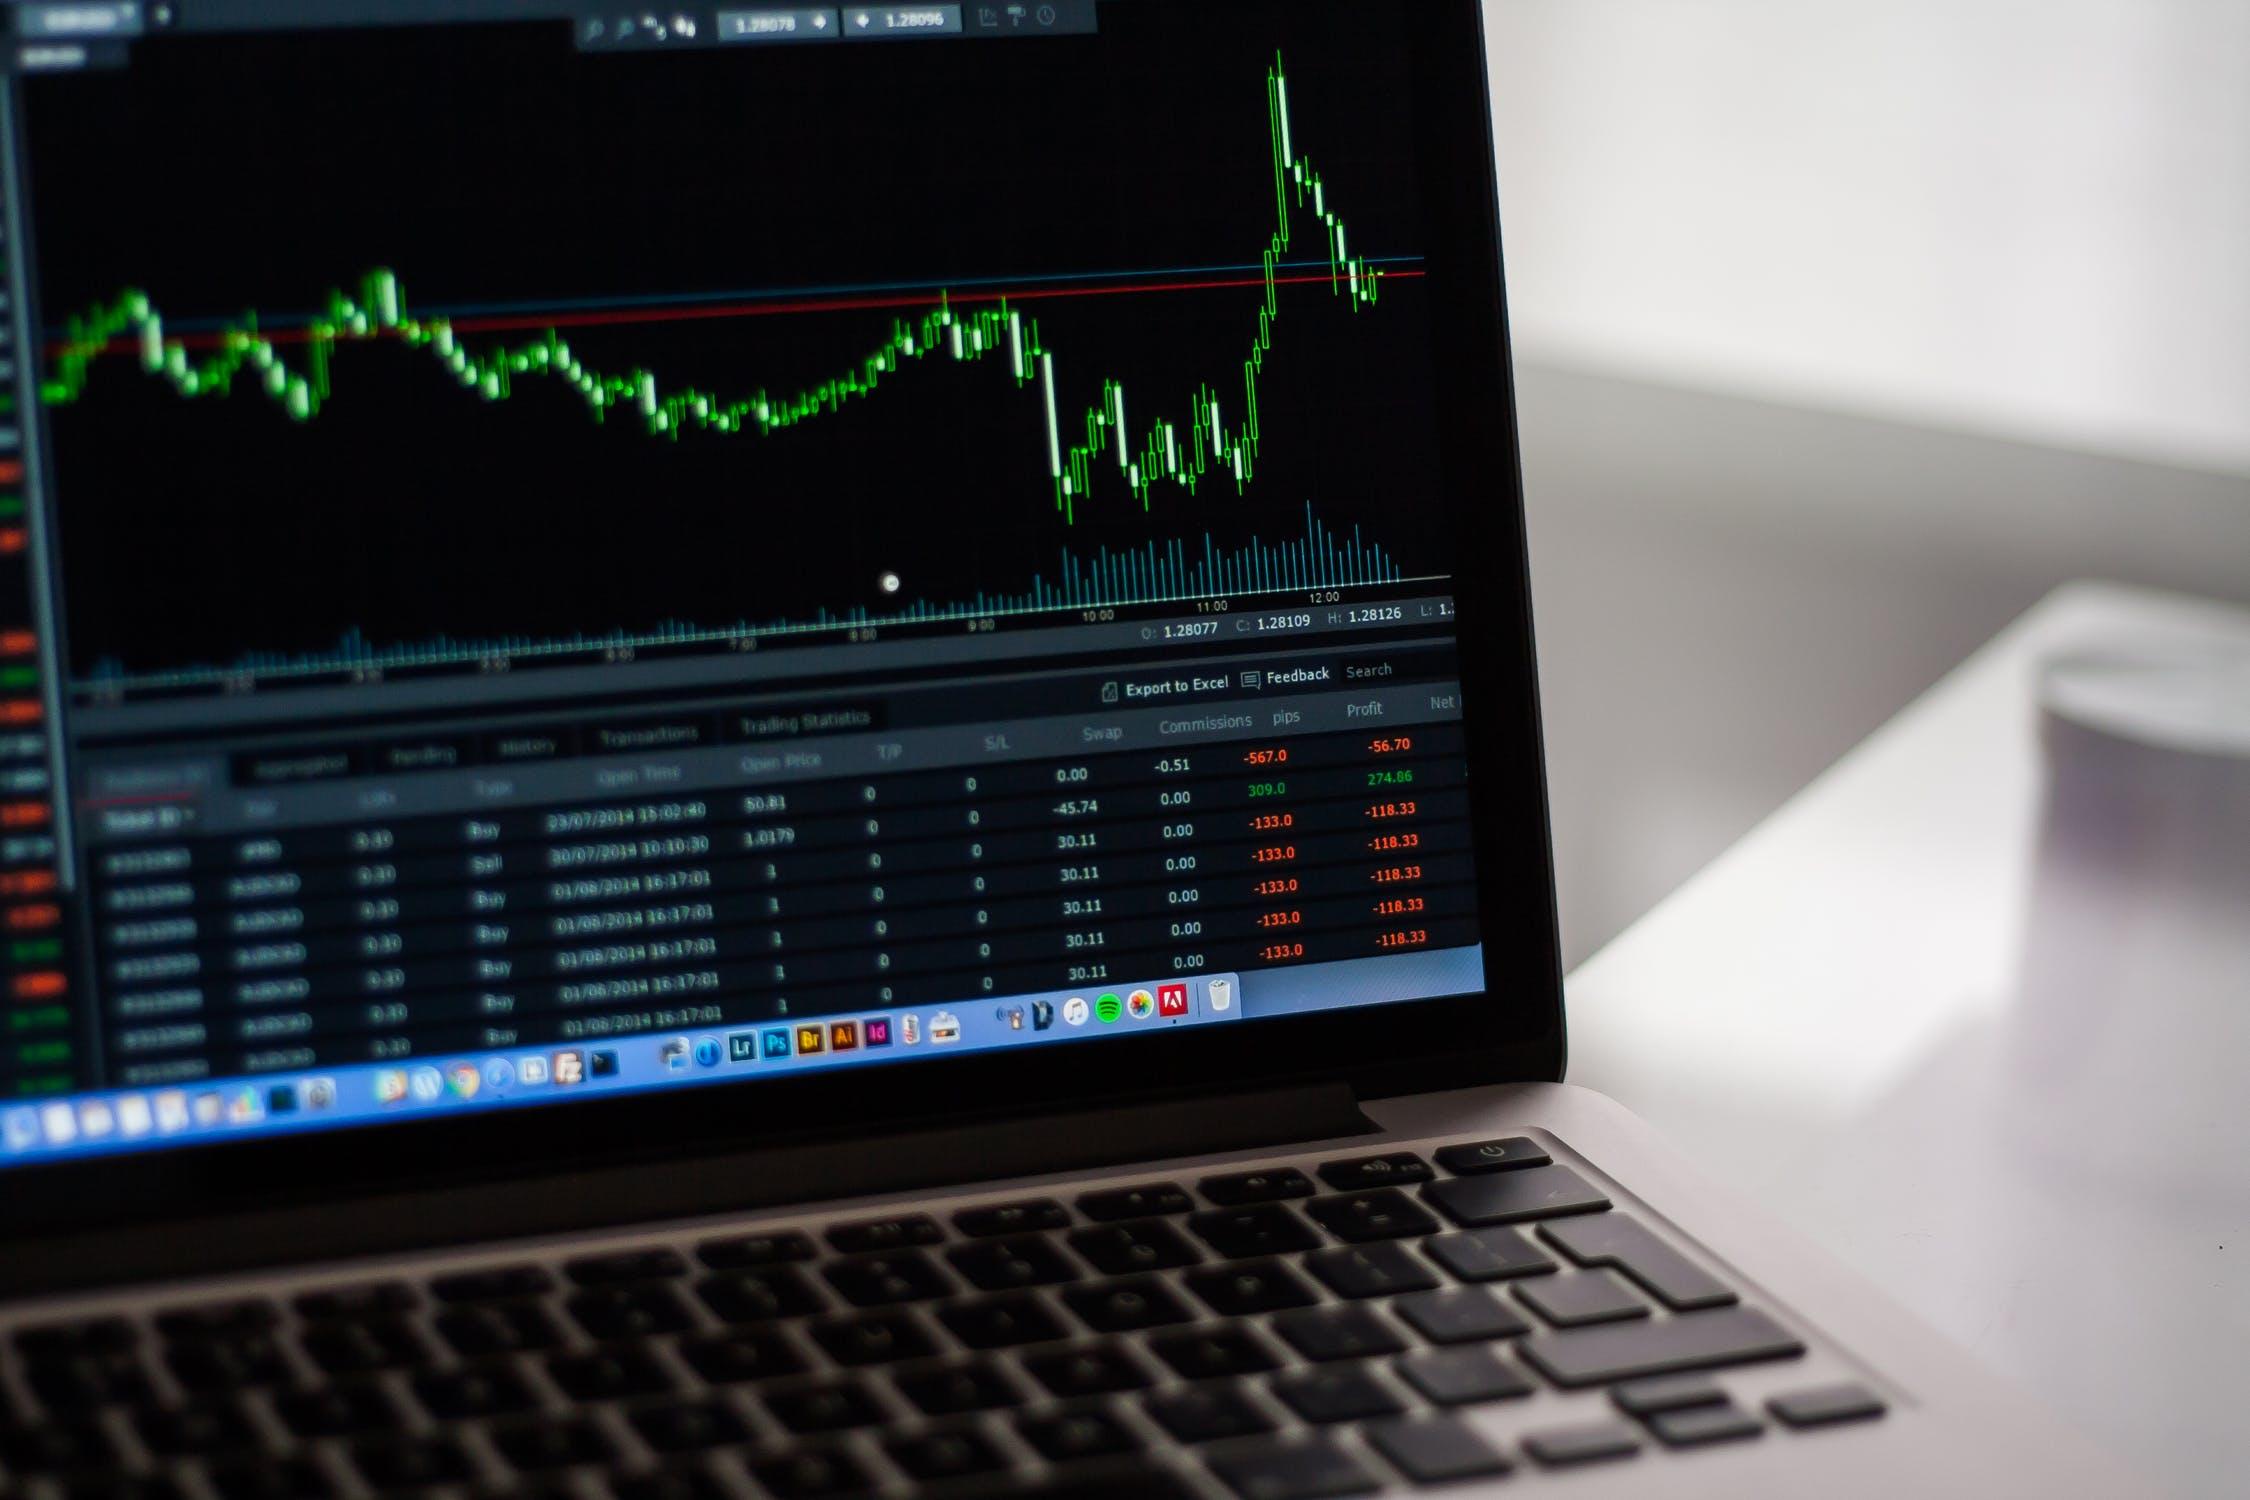 美股回春,标普500指数短期有望冲击2800点-图表家